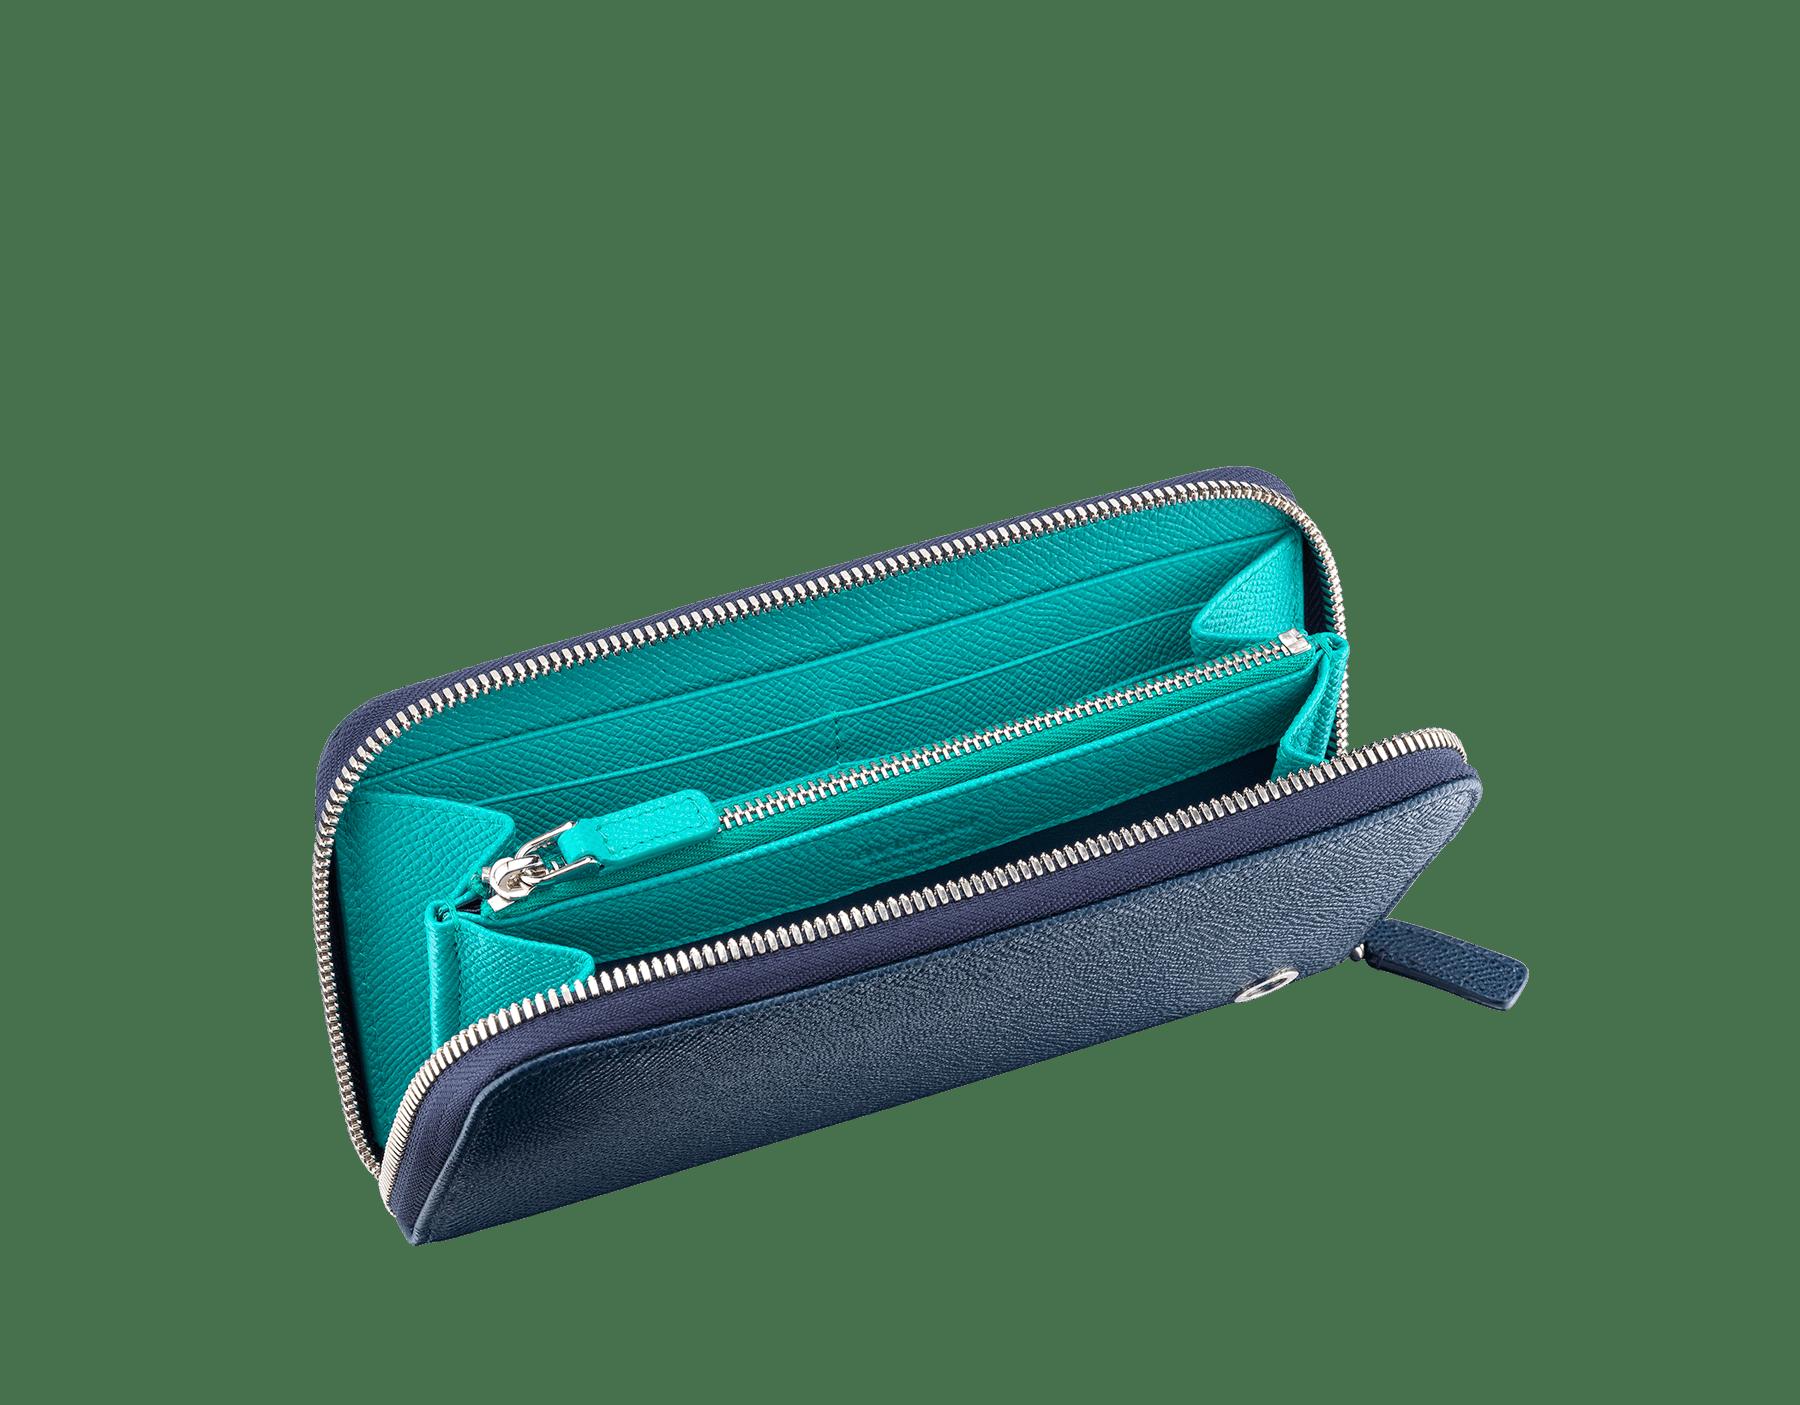 BVLGARI BVLGARI 男用拉鍊皮夾採用丹寧藍和熱帶綠松石色珠面小牛皮。經典品牌標誌鍍鈀黃銅元素。 288254 image 2